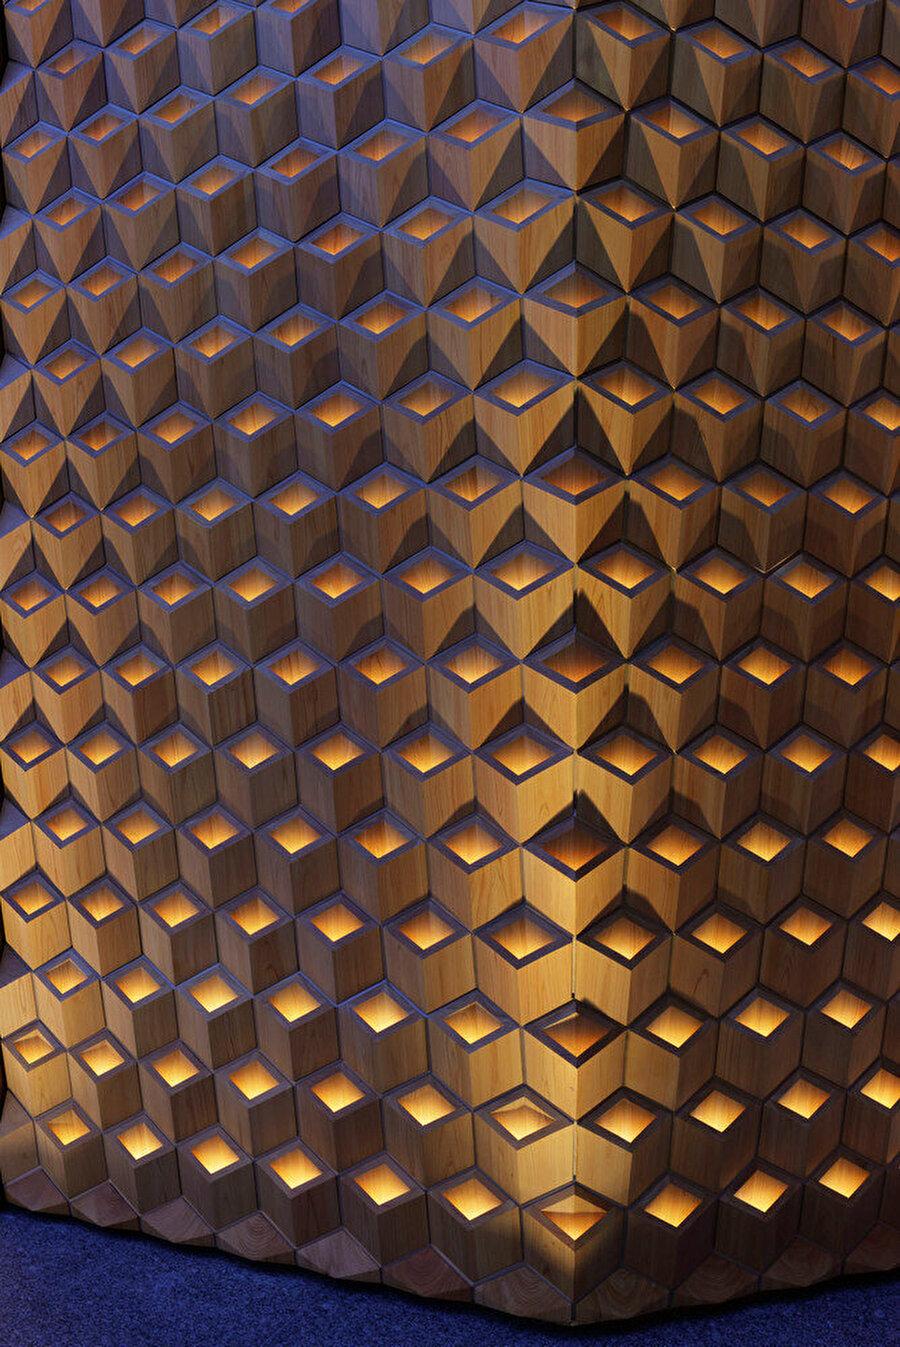 Aydınlatma cephenin geometrik yapısını vurguluyor.